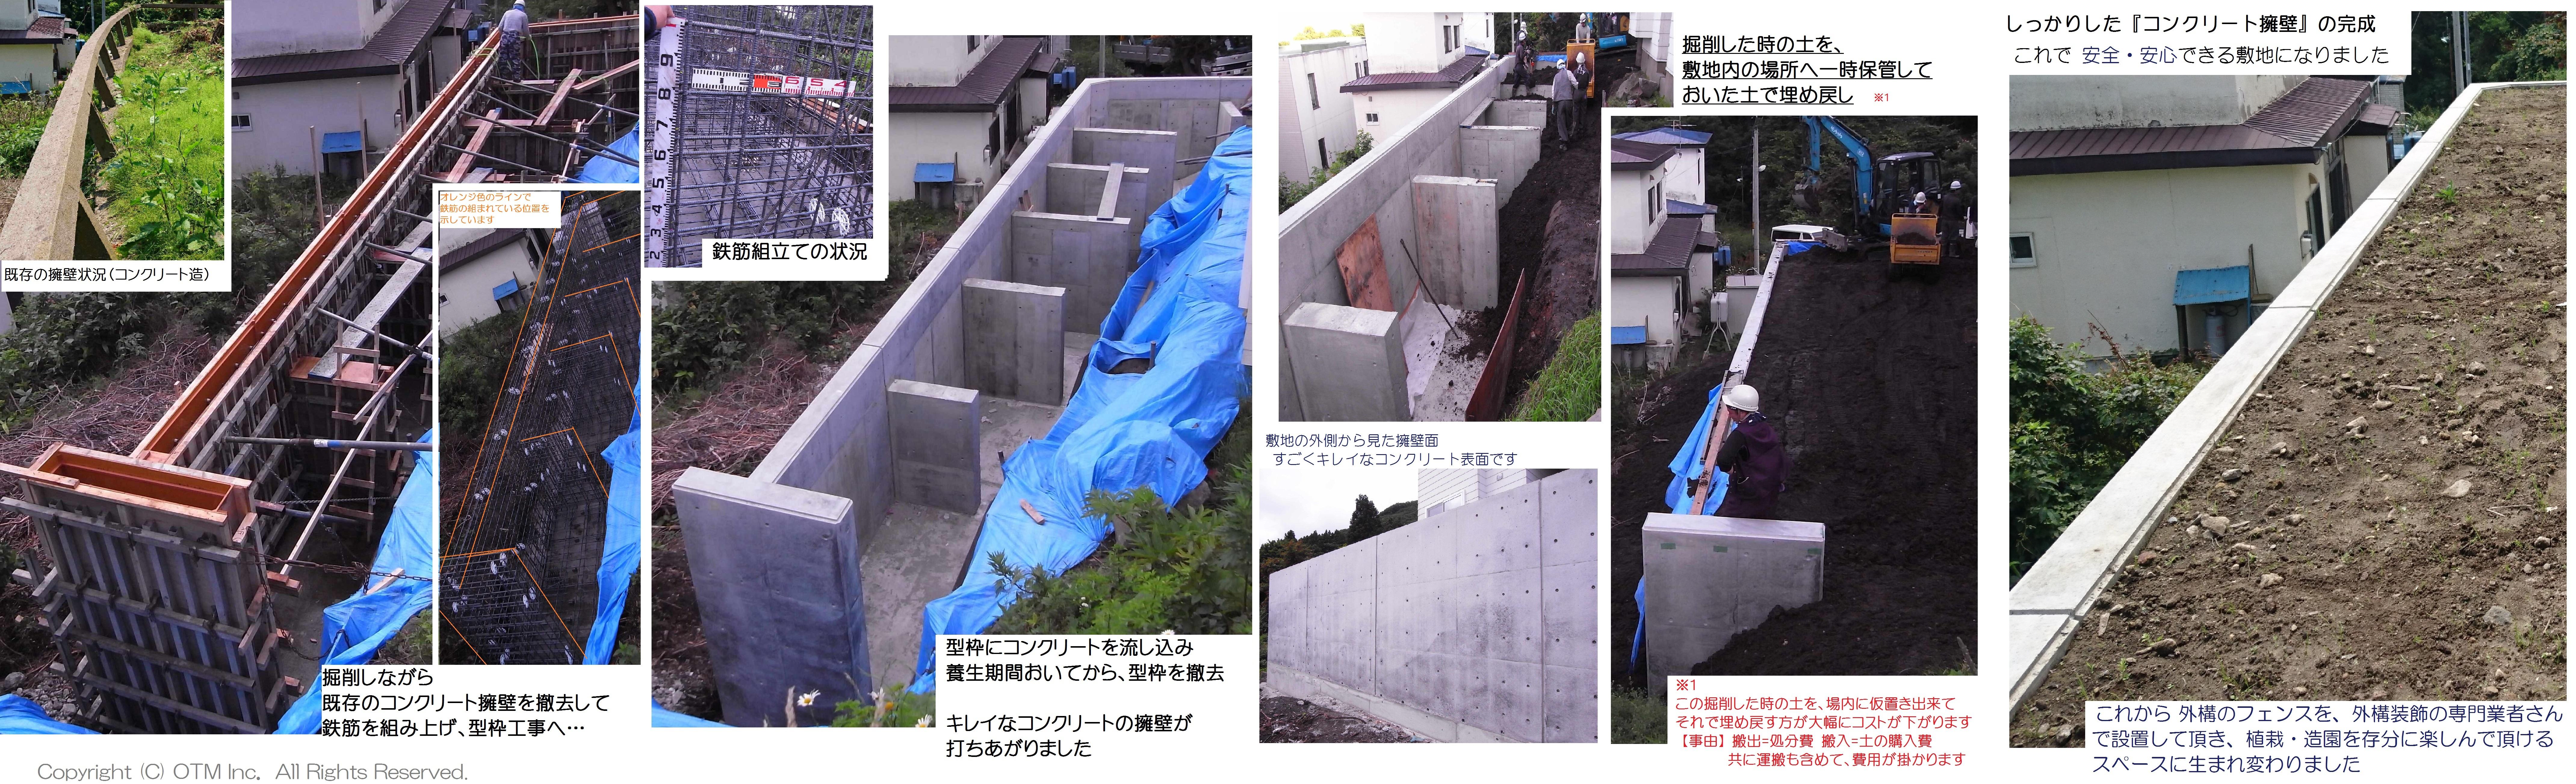 新しくコンクリート擁壁が出来る上がるまでの工事流れ